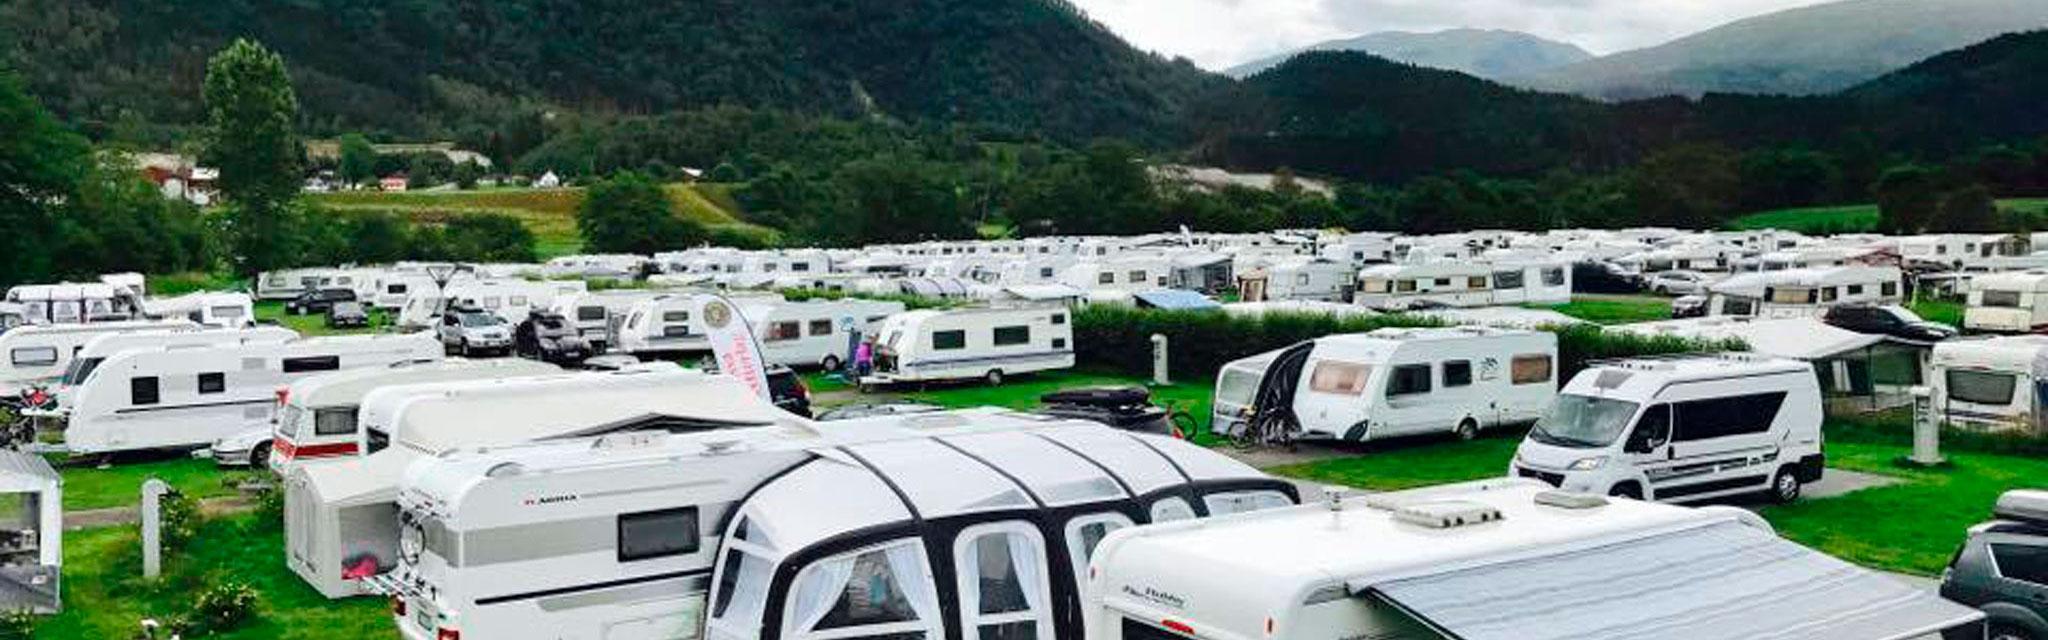 Campingvogner